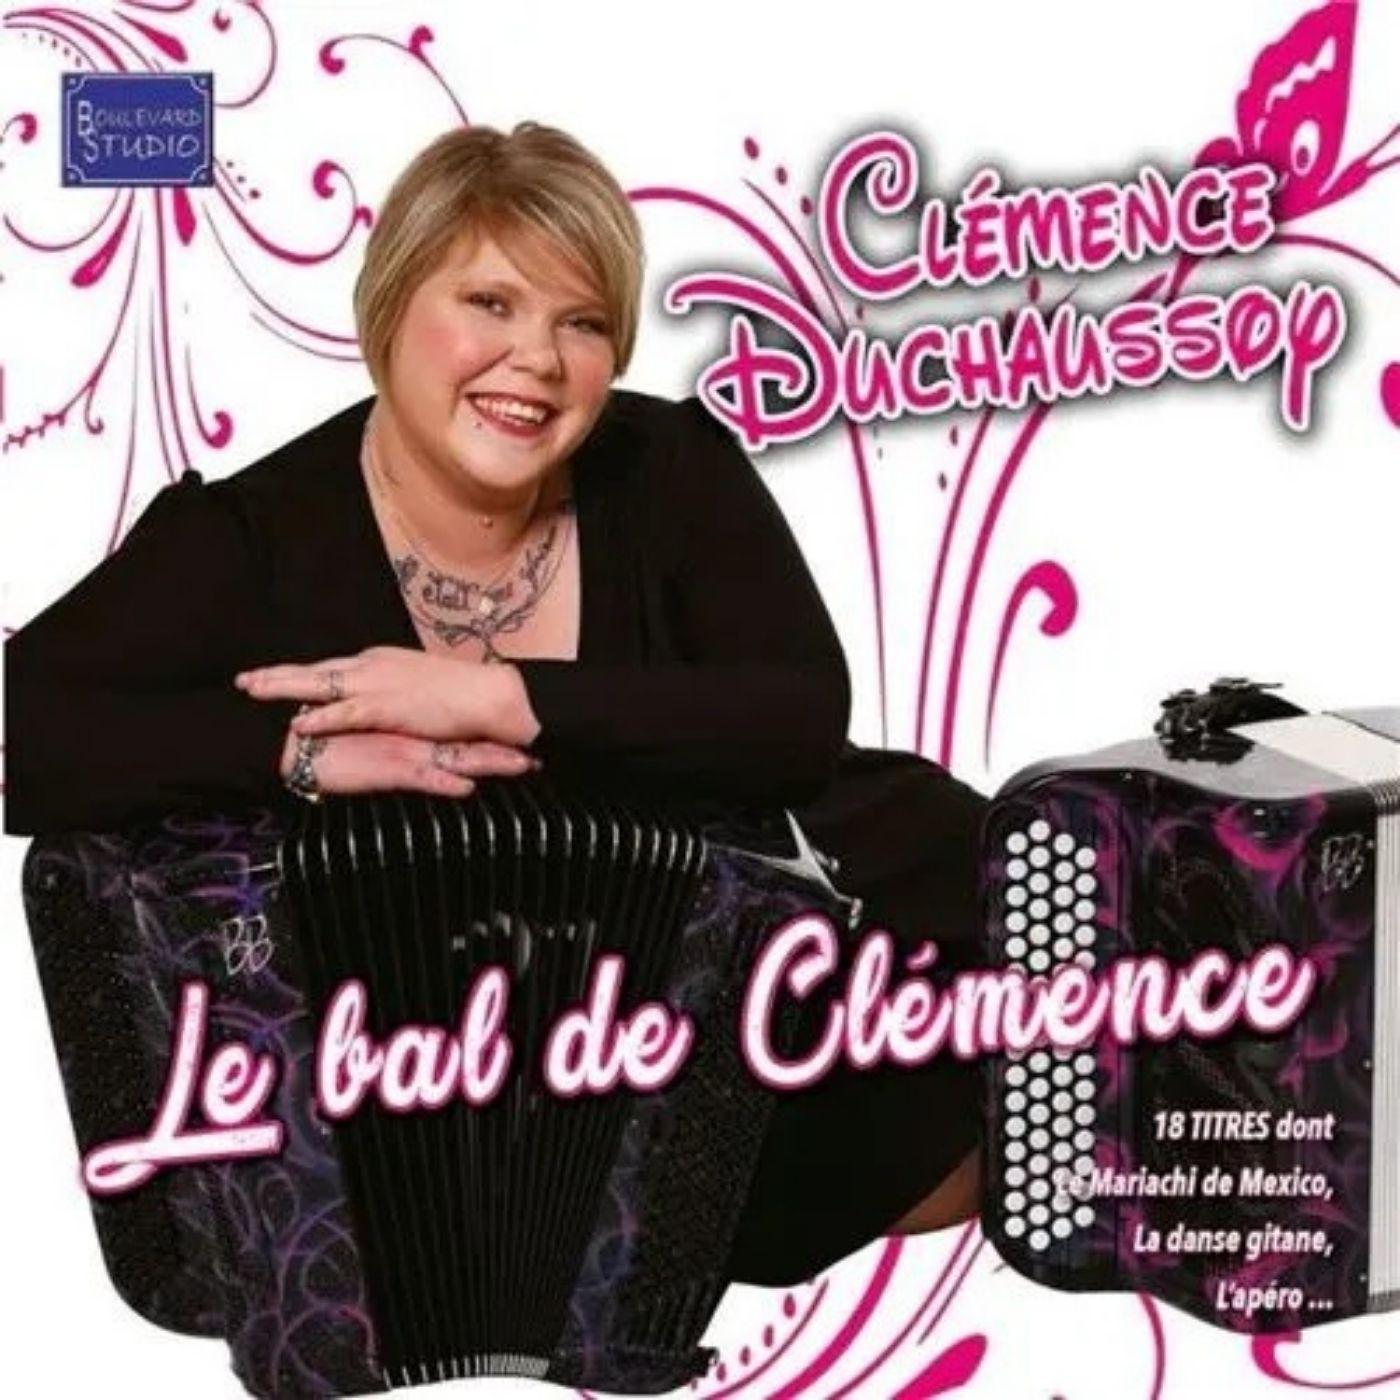 CD Clémence Duchaussoy